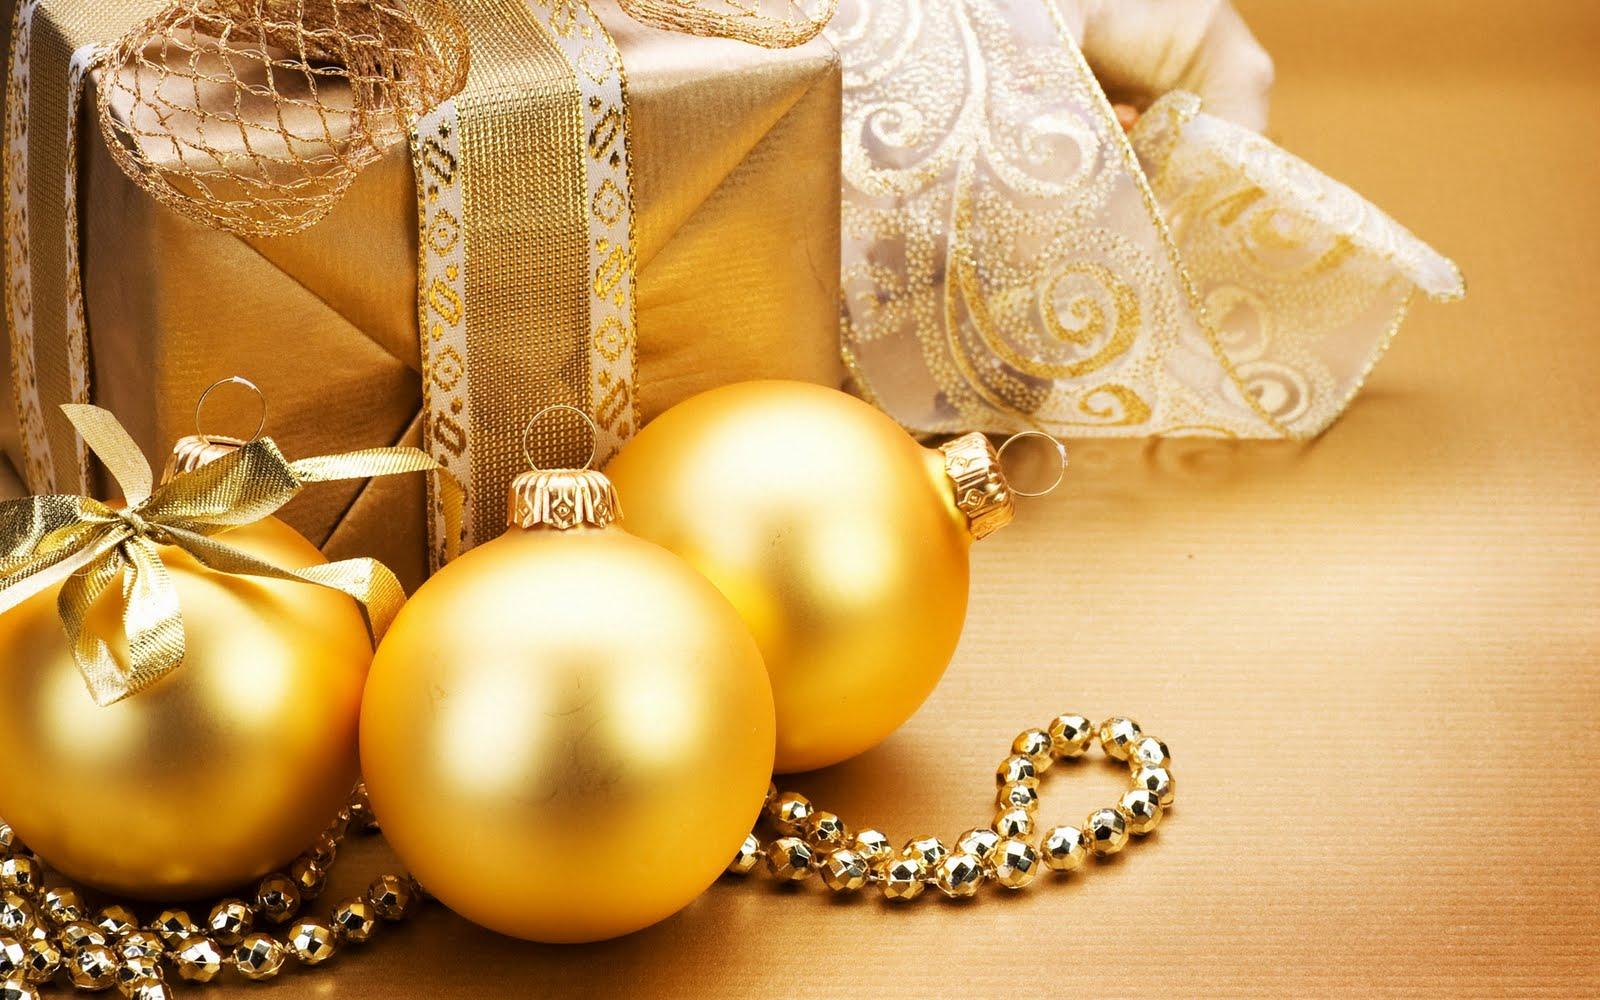 Geschenk weihnachten kind 1 jahr